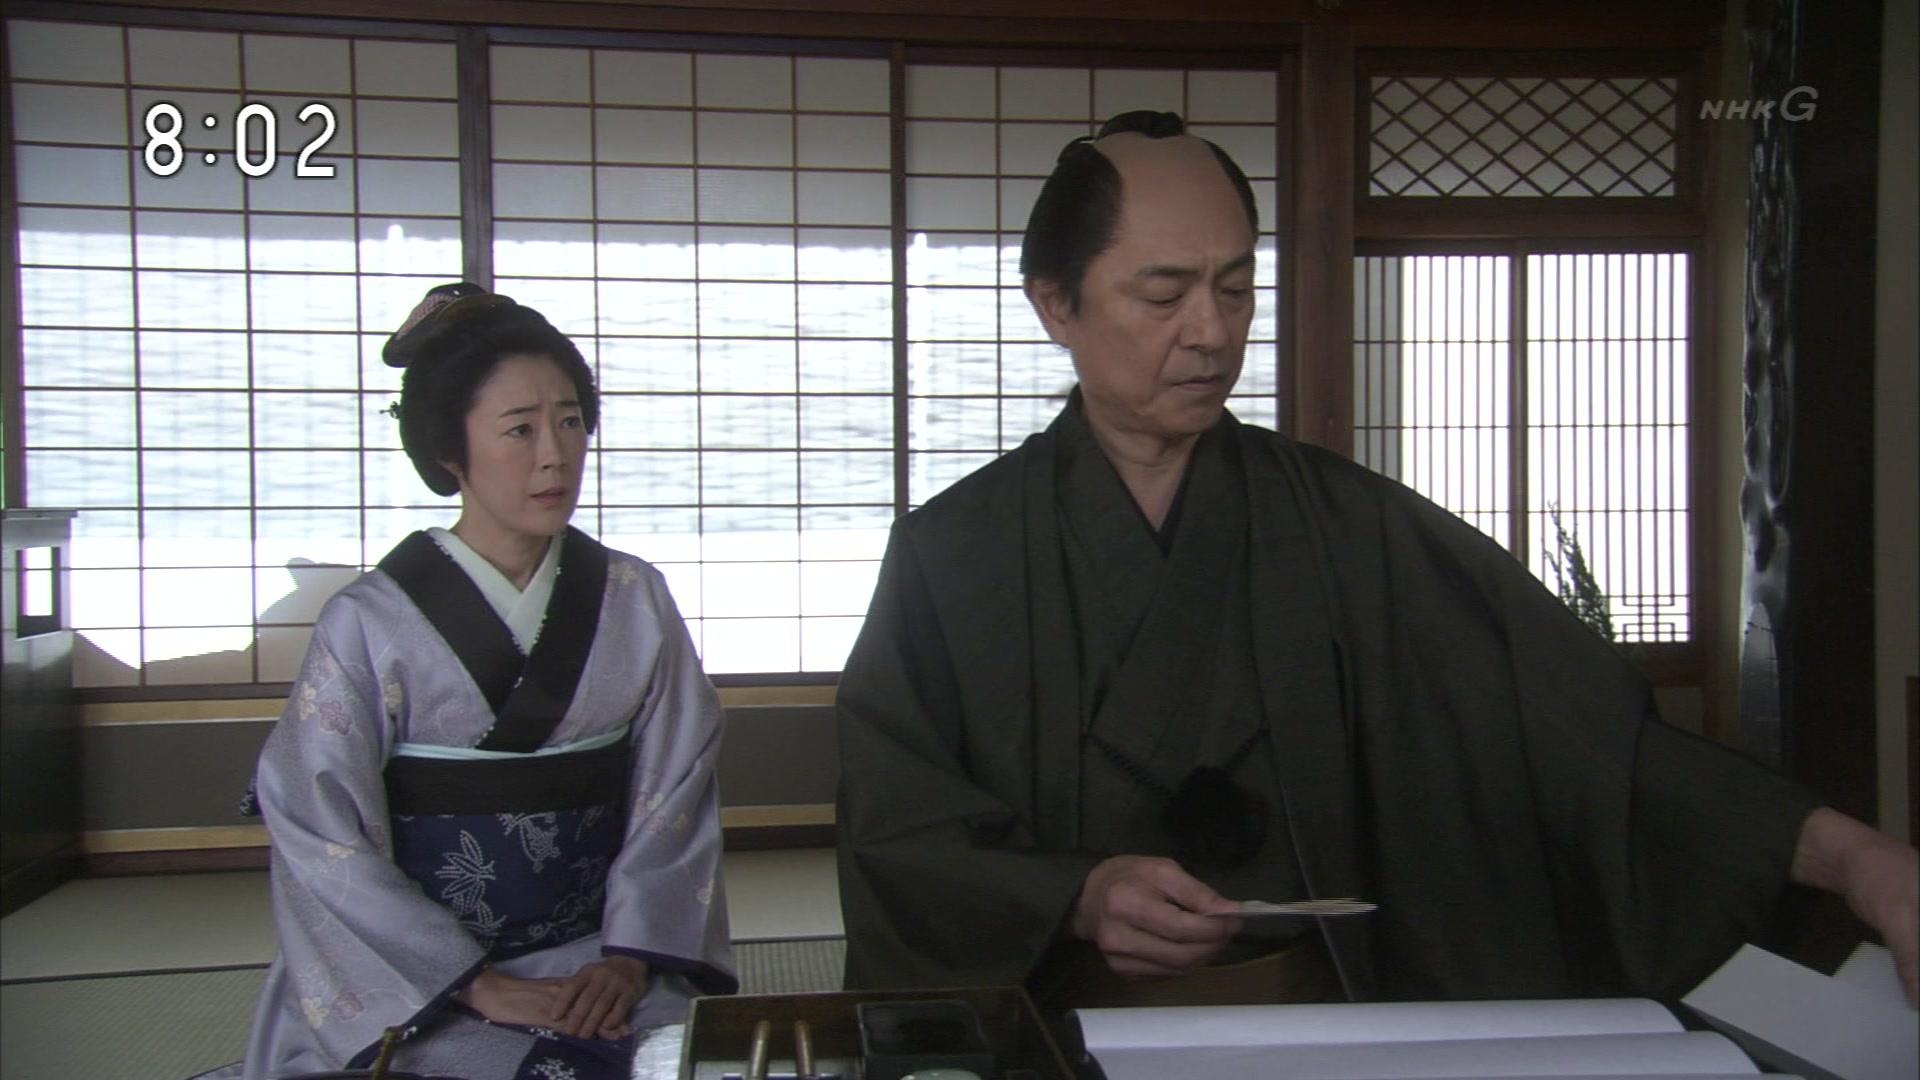 2015-10-07 08:00 連続テレビ小説 あさが来た(9)「ふたつの花びら」 0422